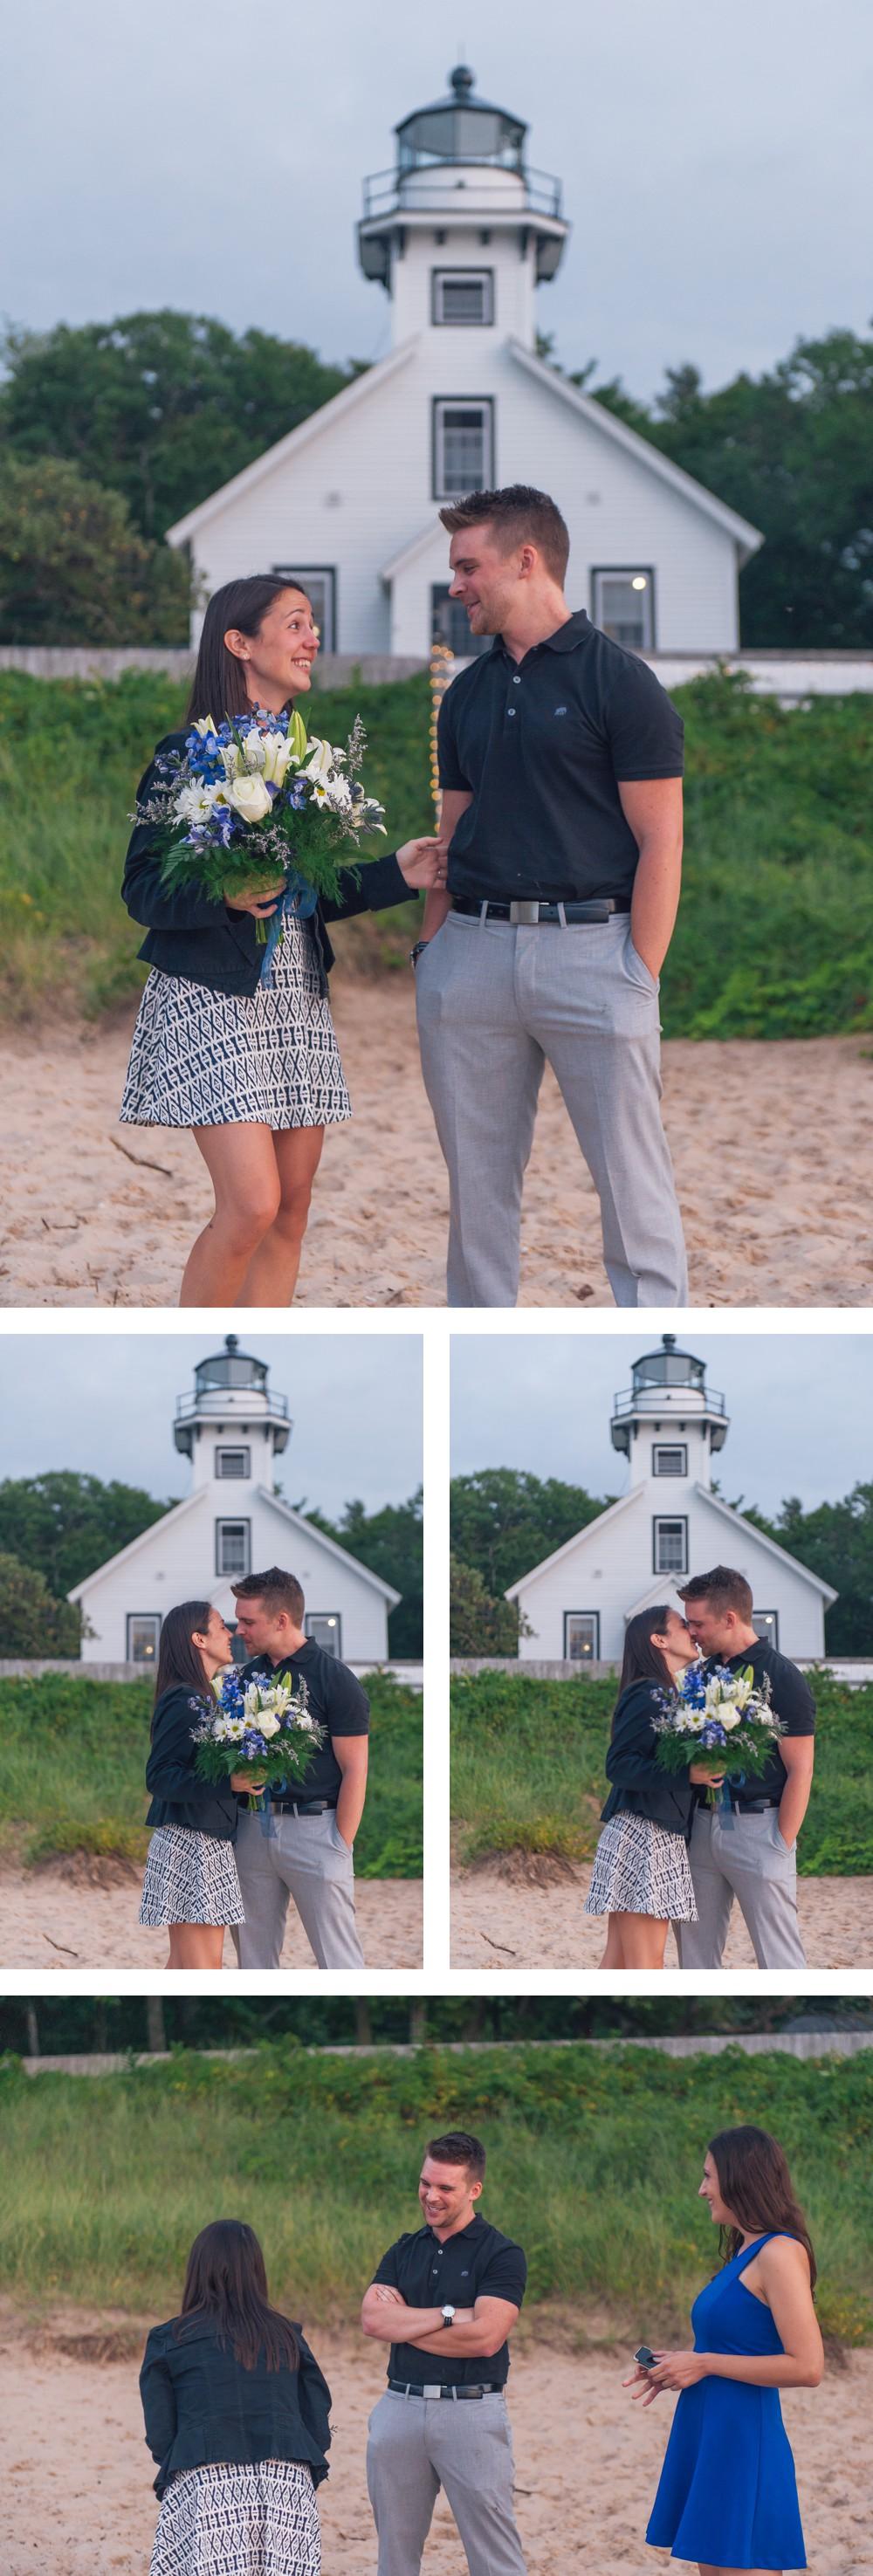 Blog - Jon + Ashleigh Surprise Proposal 08 25 18 6.jpg